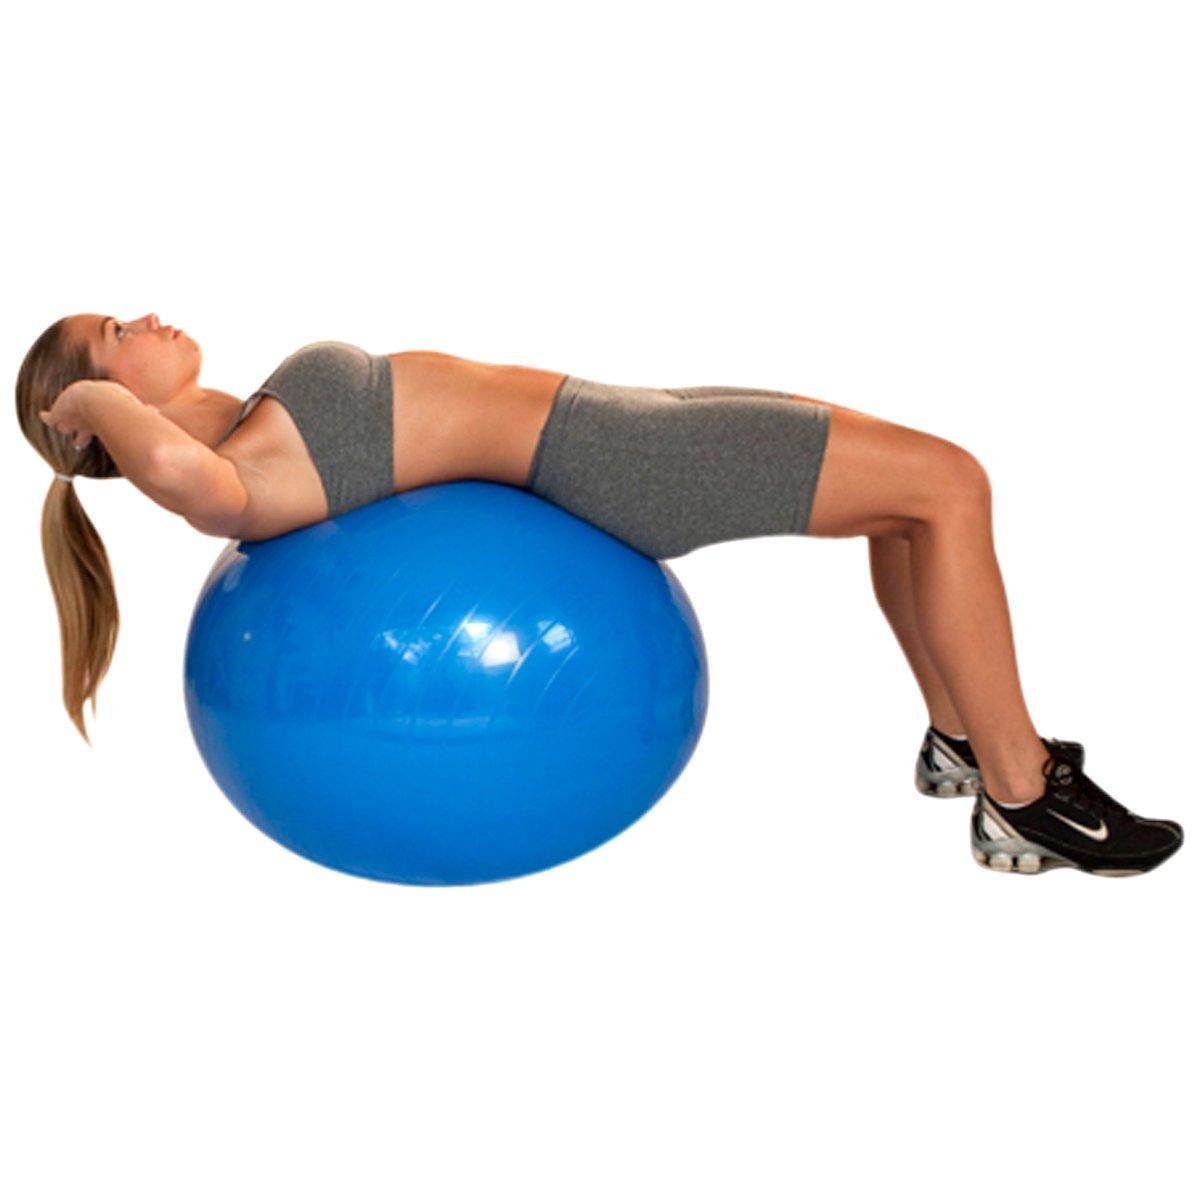 Bola de Ginástica Acte Sports - 65 cm com bomba de Ar - Azul Royal ... 8713ed47e4d05